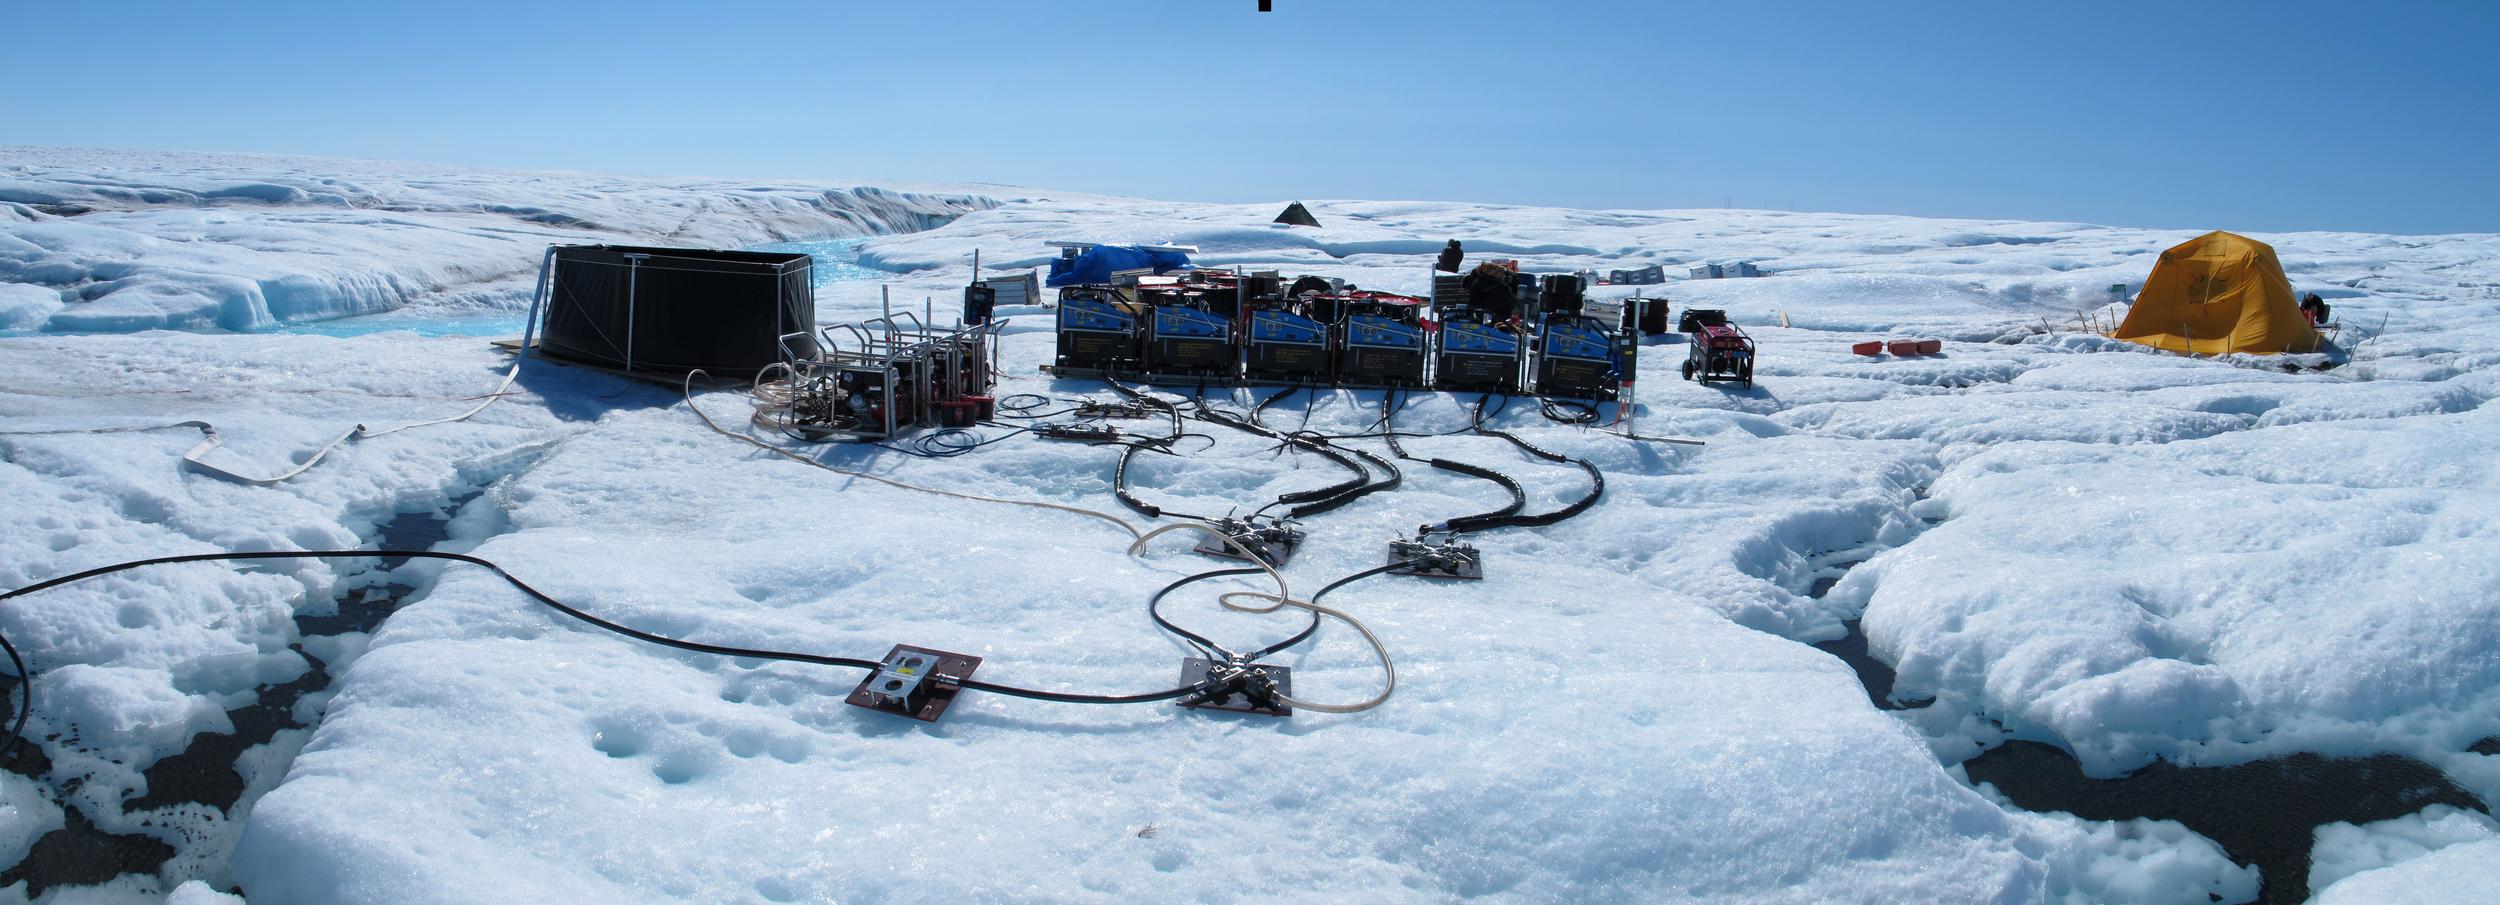 Grönland 2011-7.jpg